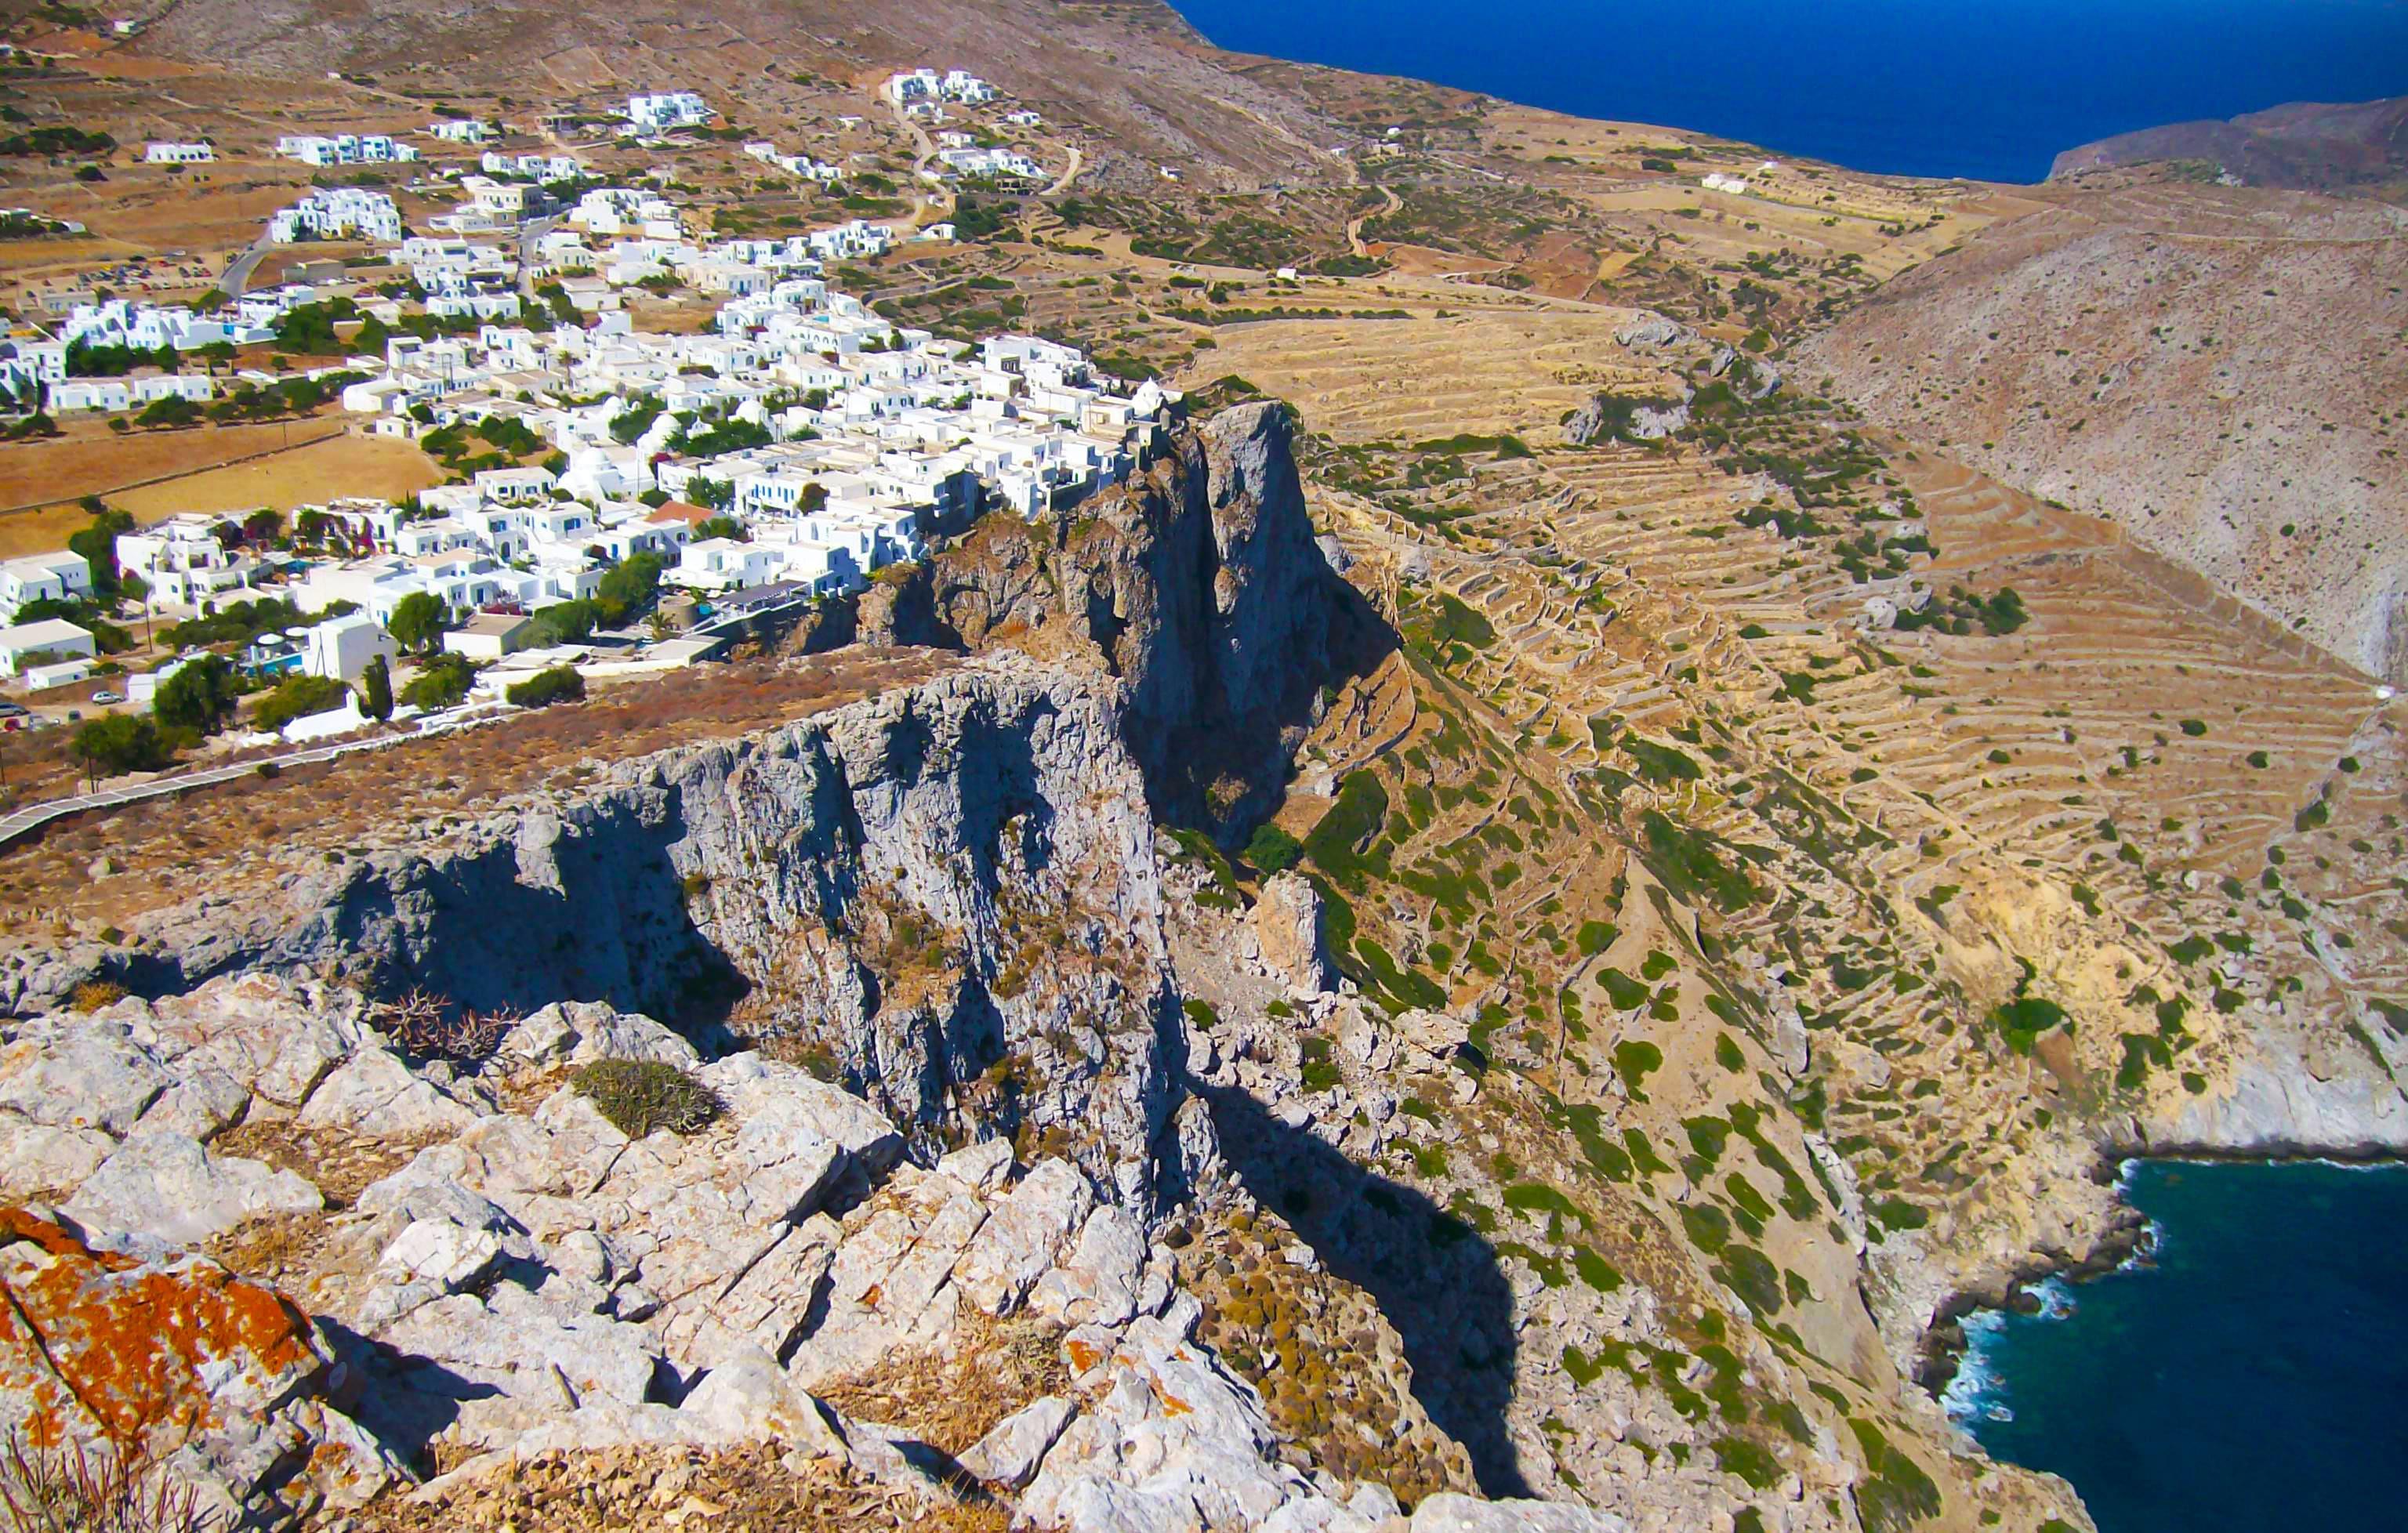 le village de Chora sur l'île grecque méconnue de Folégandros (Grèce) construit au ras de la falaise, à 200 m au dessus de la mer, Grèce